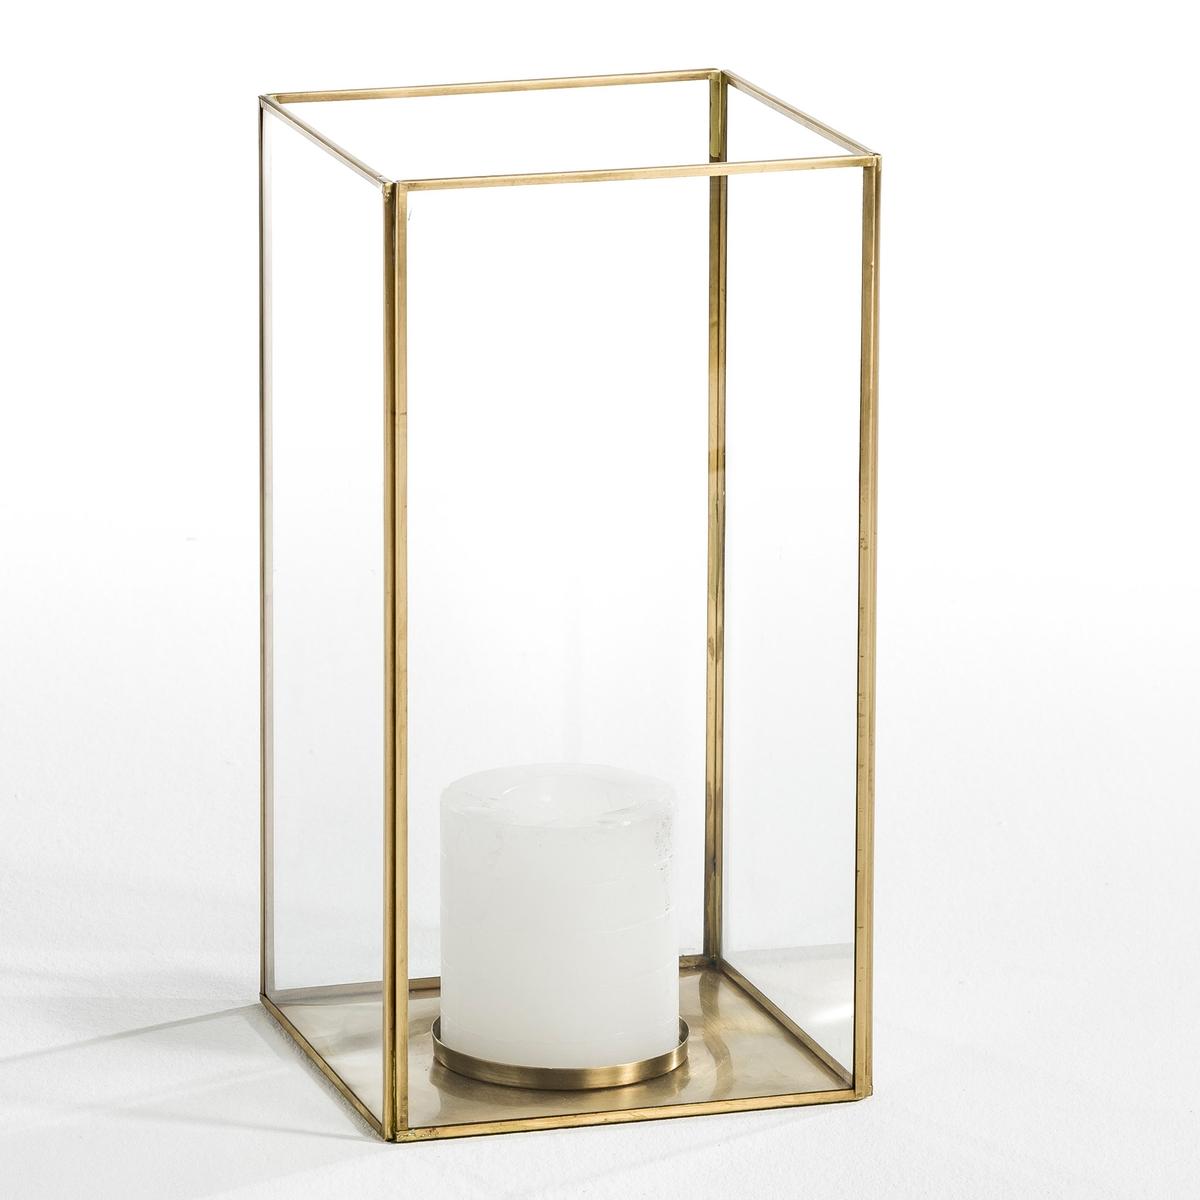 Абажур для свечи Misia, большая модельКаркас из металла с отделкой латунью и стекла толщиной 2 мм. Подходит для свечей диаметром 10 см и высотой 15 см. Размеры: Д.20 см x В.40 x Г.20 см.<br><br>Цвет: латунь